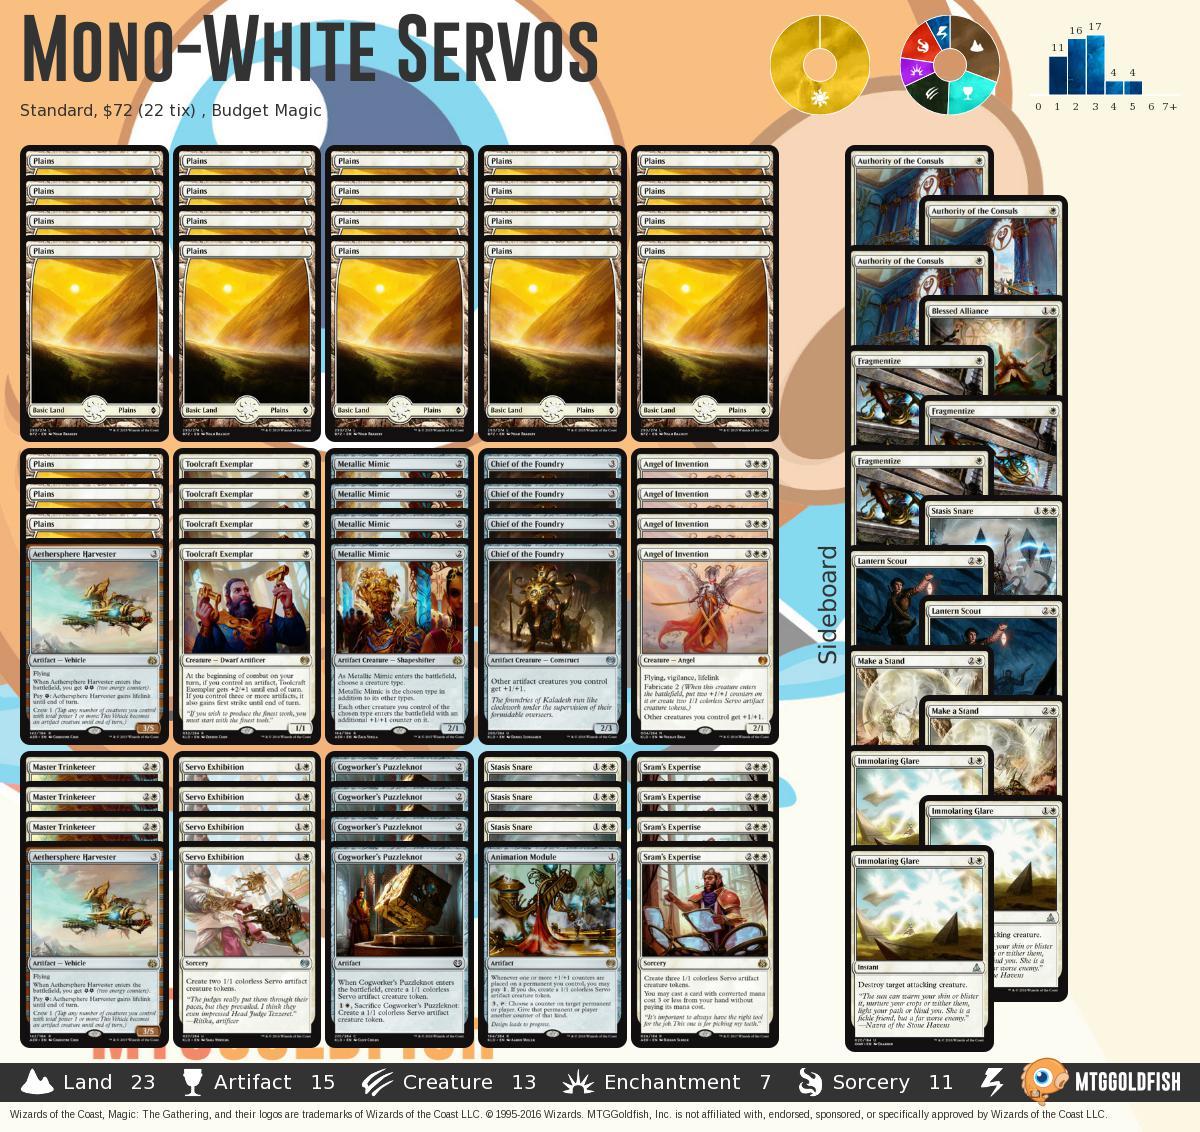 Mono white%2bservos a654f722 6ba8 4b32 ab8e ae242b283f92%2ejpg